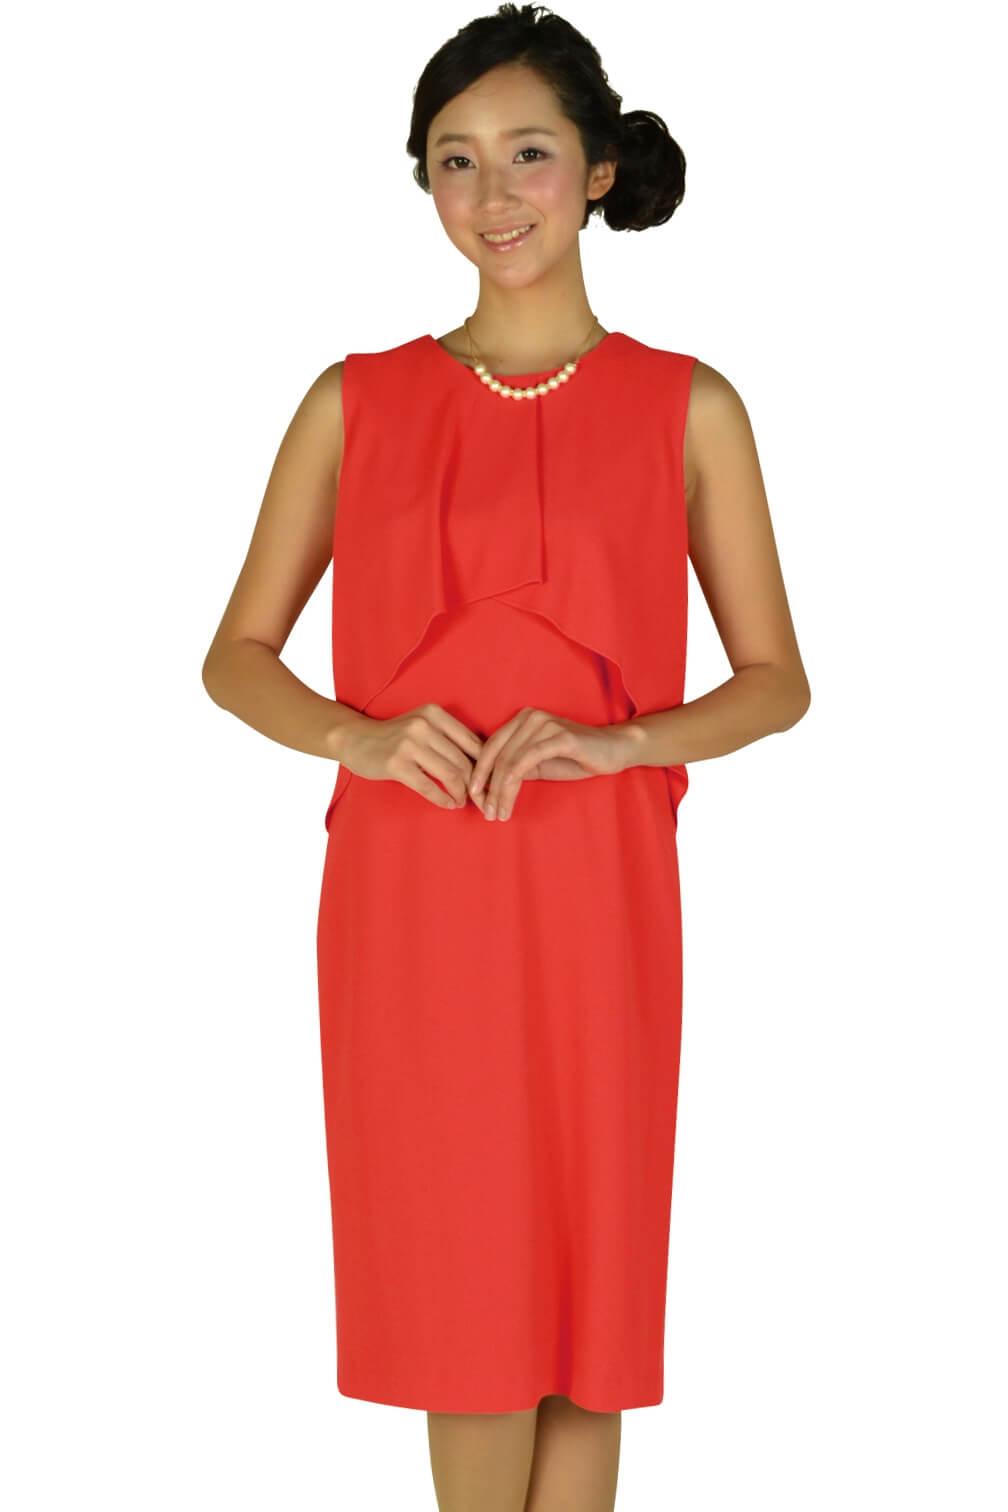 モディファイ (Modify)フロントフレアレッドオレンジドレス